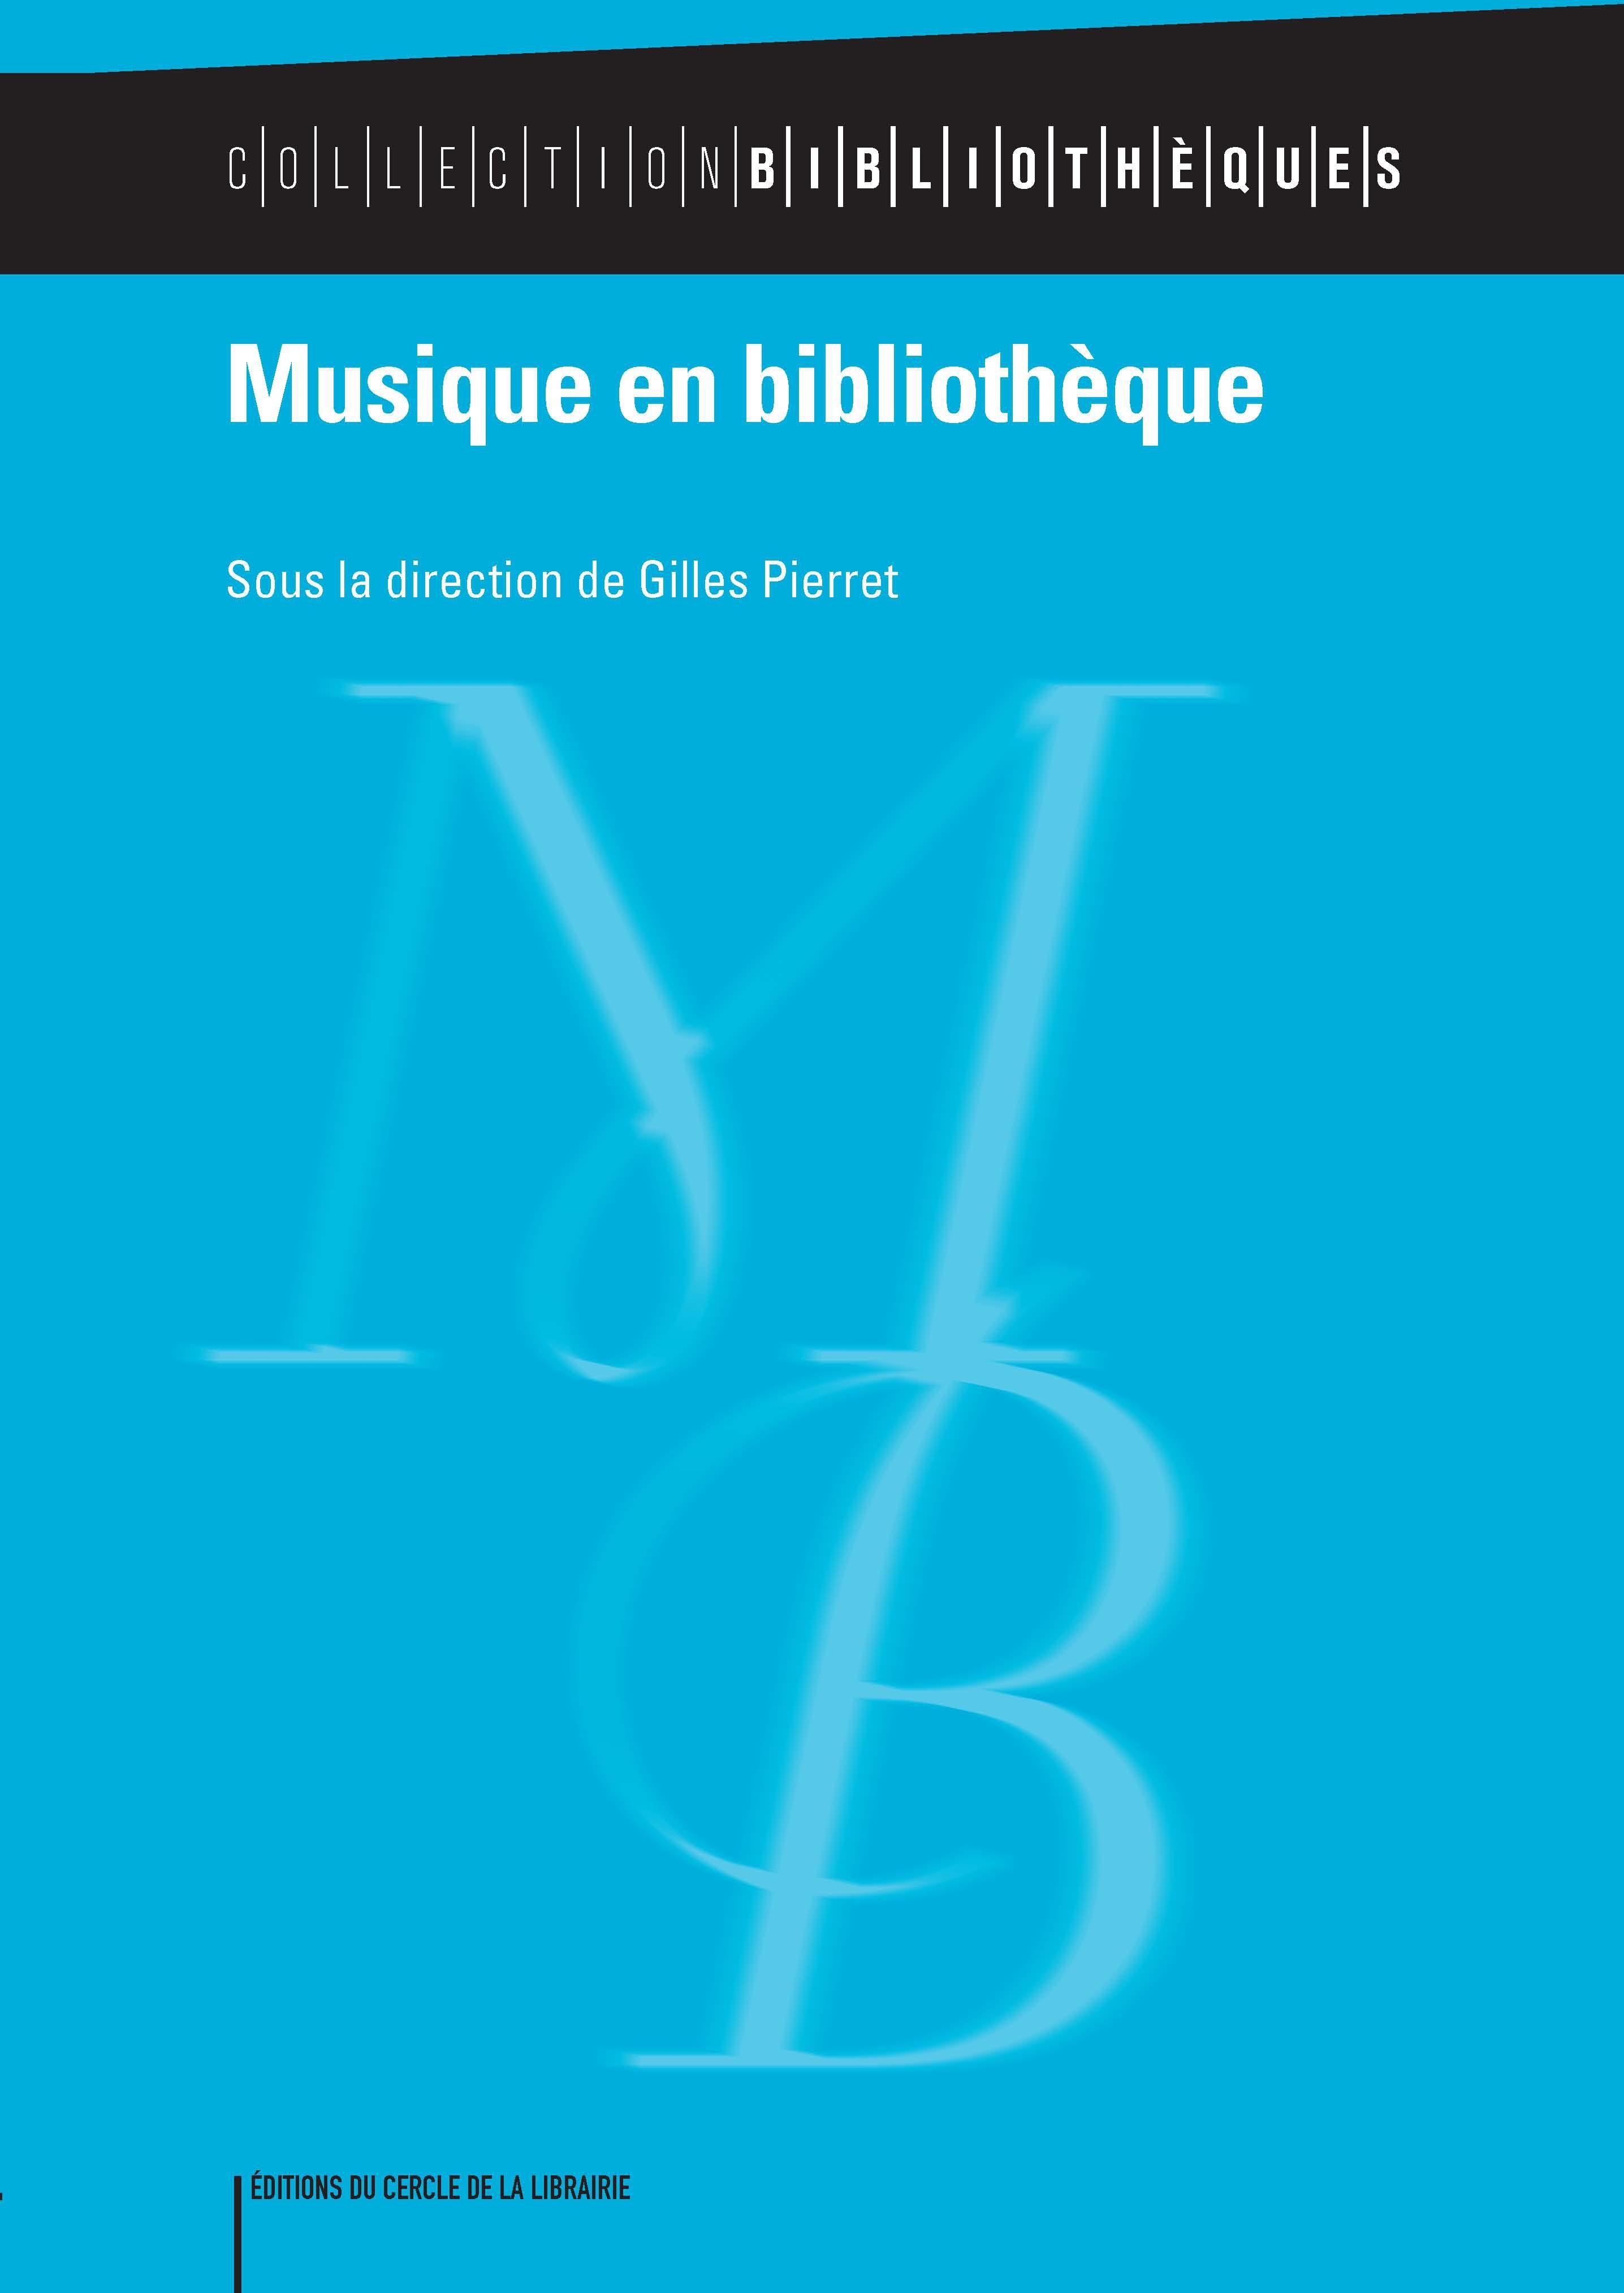 De Nouveaux Modeles Pour Une Bibliotheque Musicale Hybride